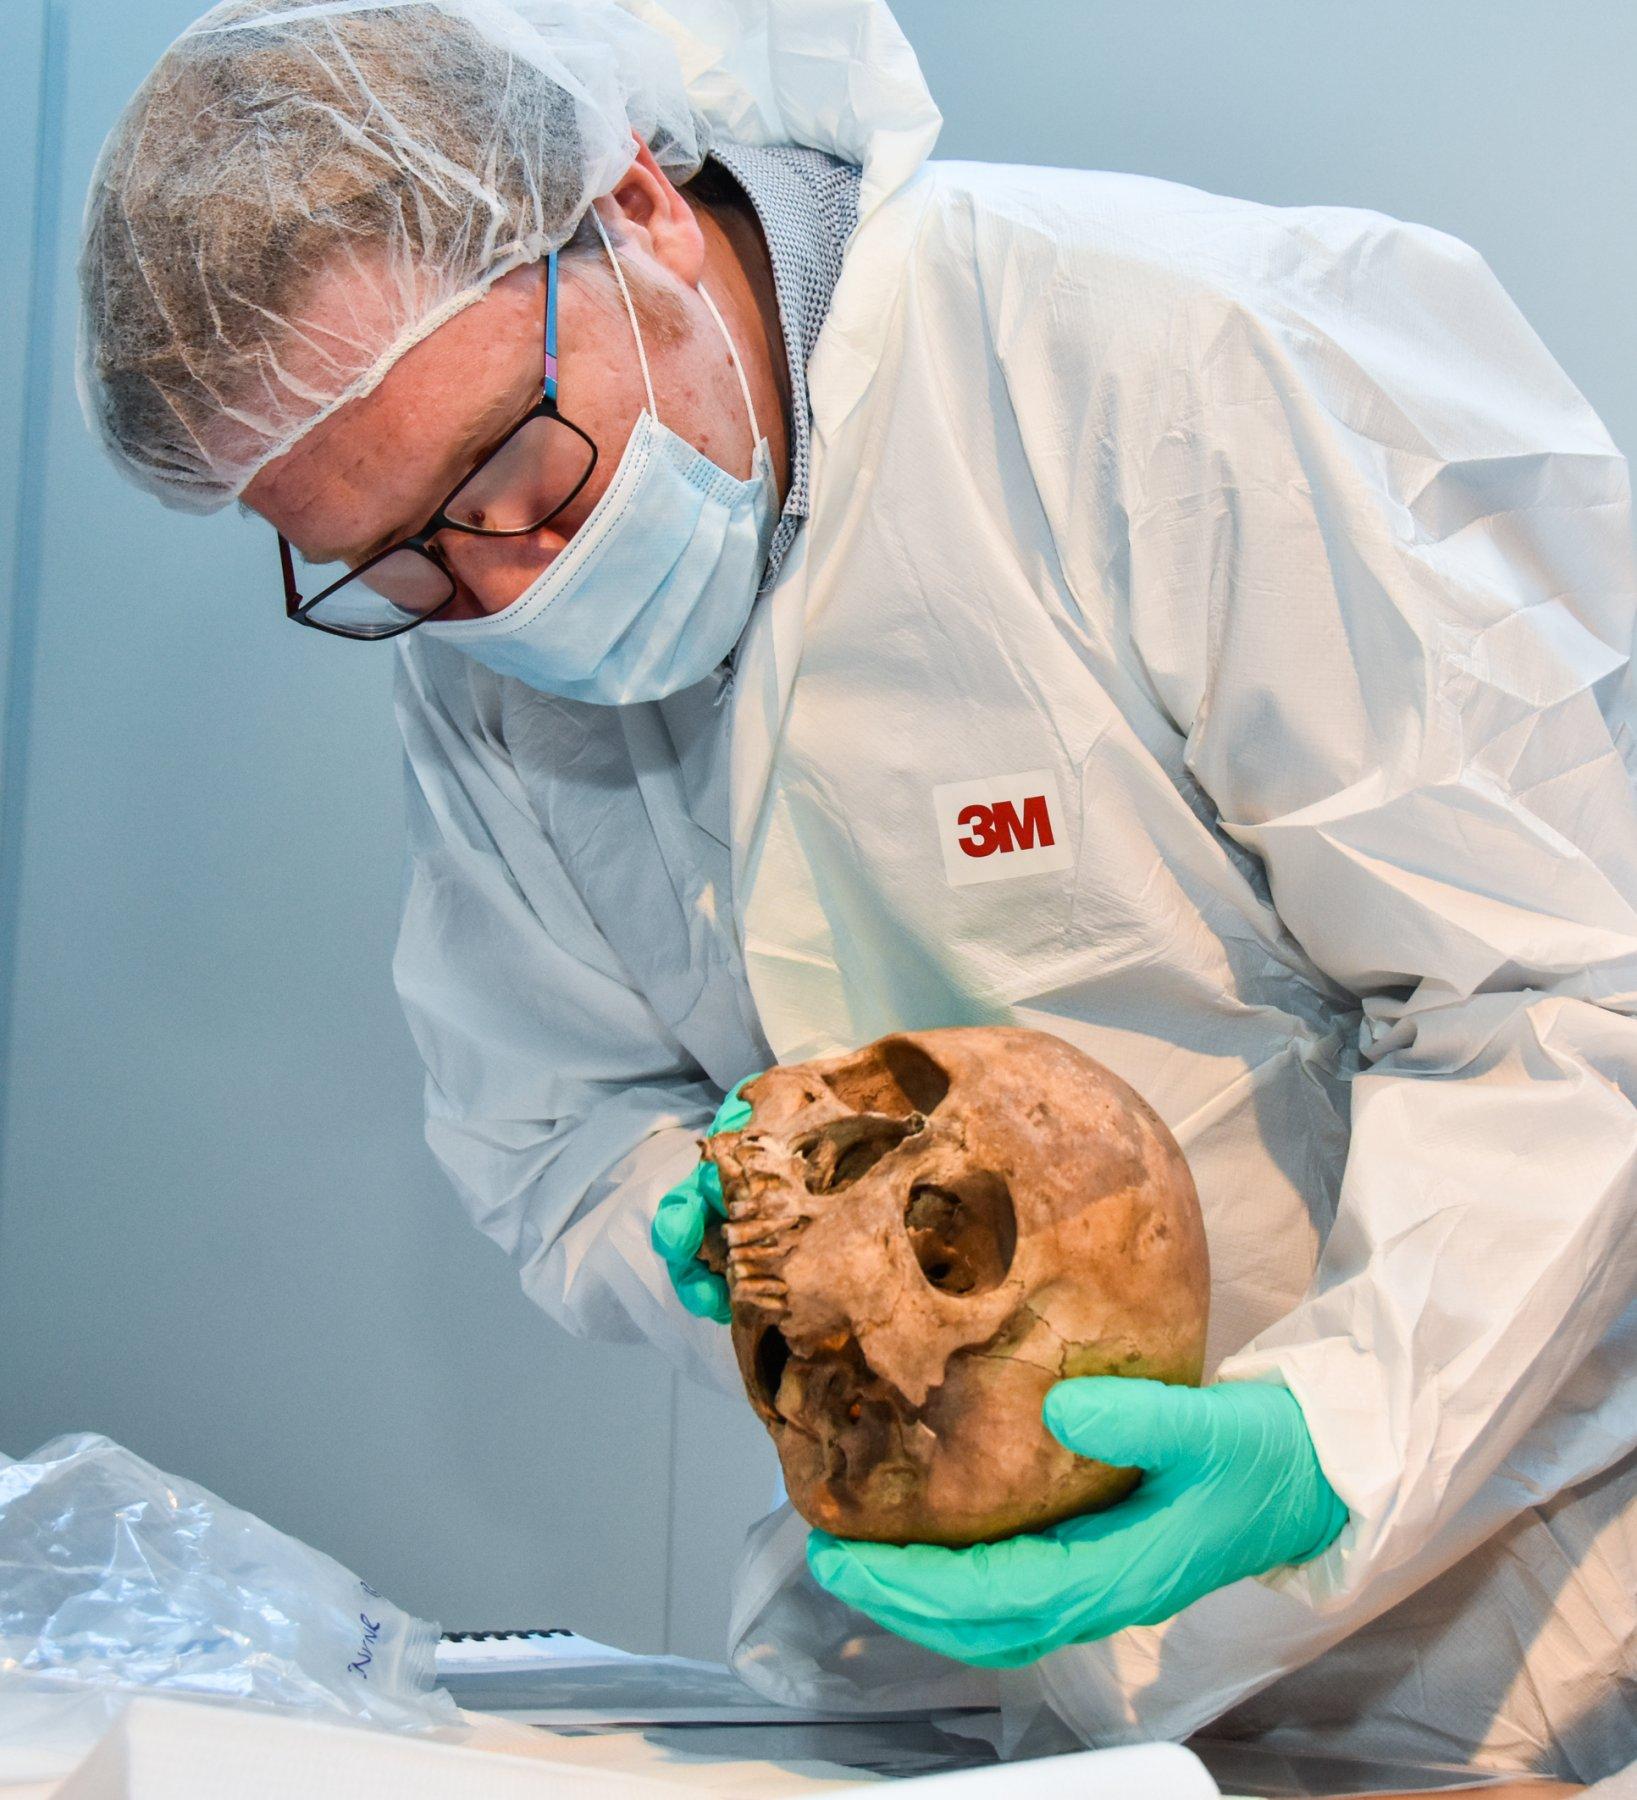 onderzoekers met schedel genetisch onderzoek